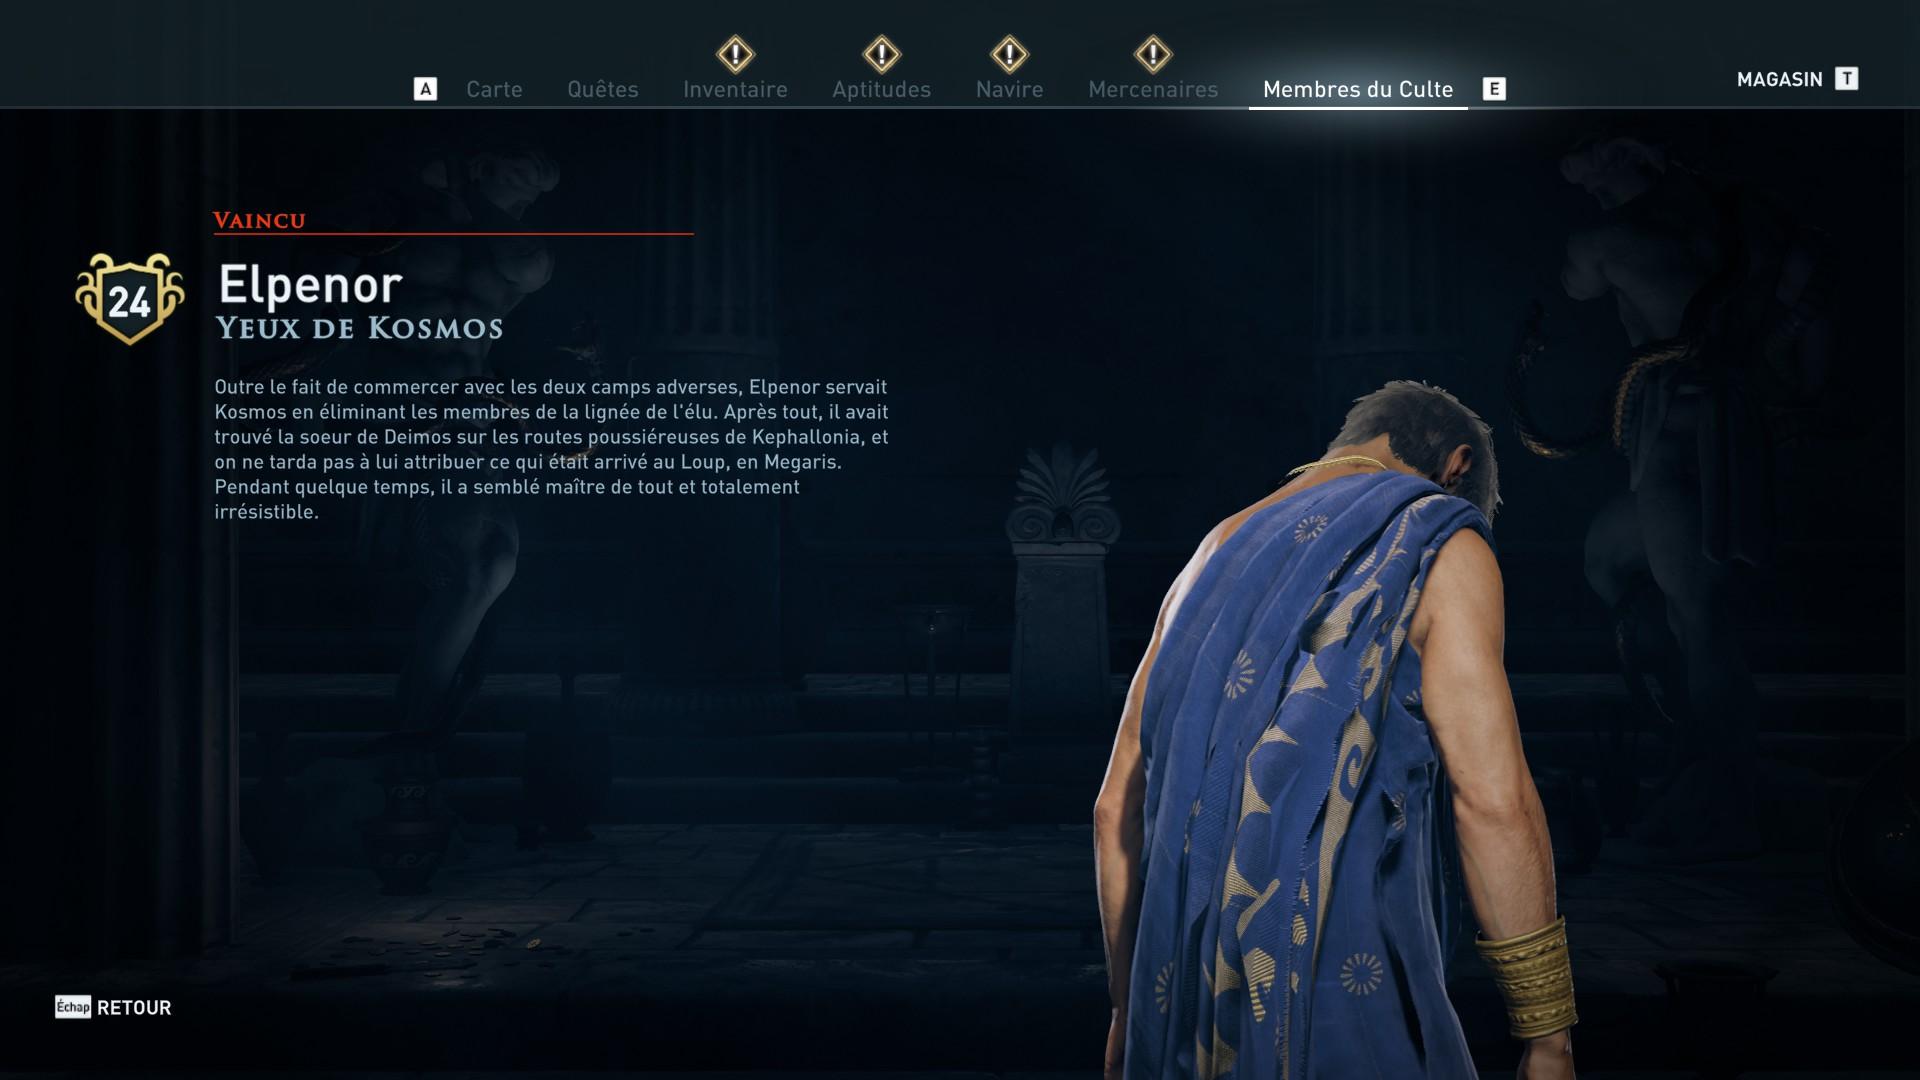 Assassin's Creed Odyssey trouver et tuer les adeptes du culte du Kosmos, ps4, xbox one, pc, ubisoft, jeu vidéo, Yeux de Kosmos, elpenor